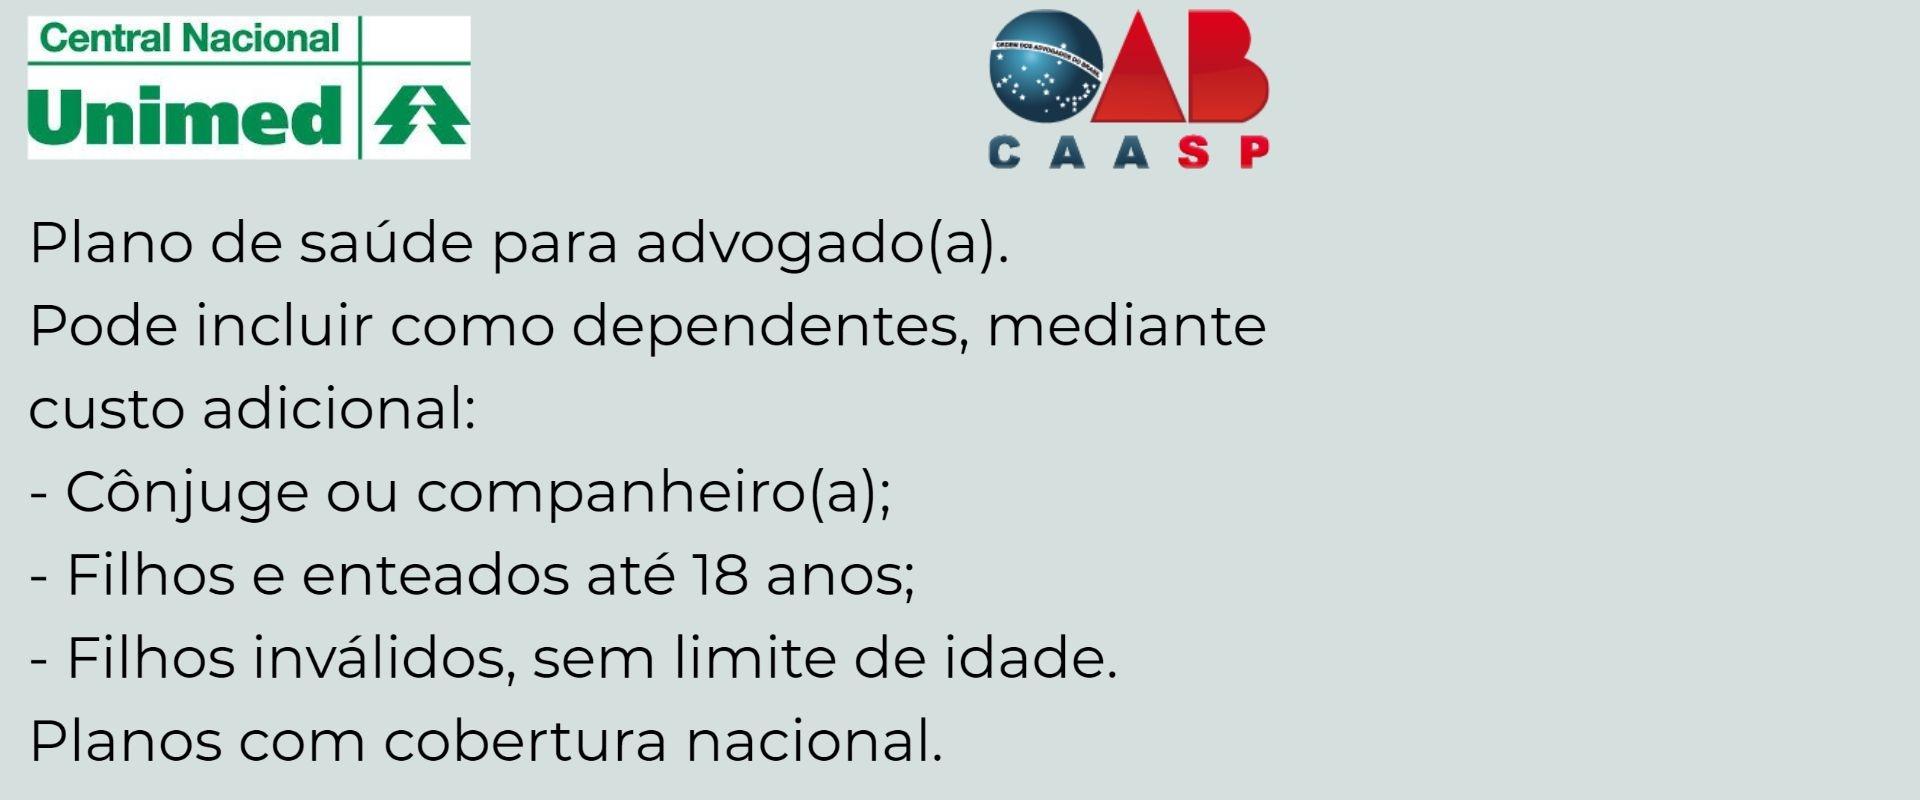 Unimed CAASP Votorantim